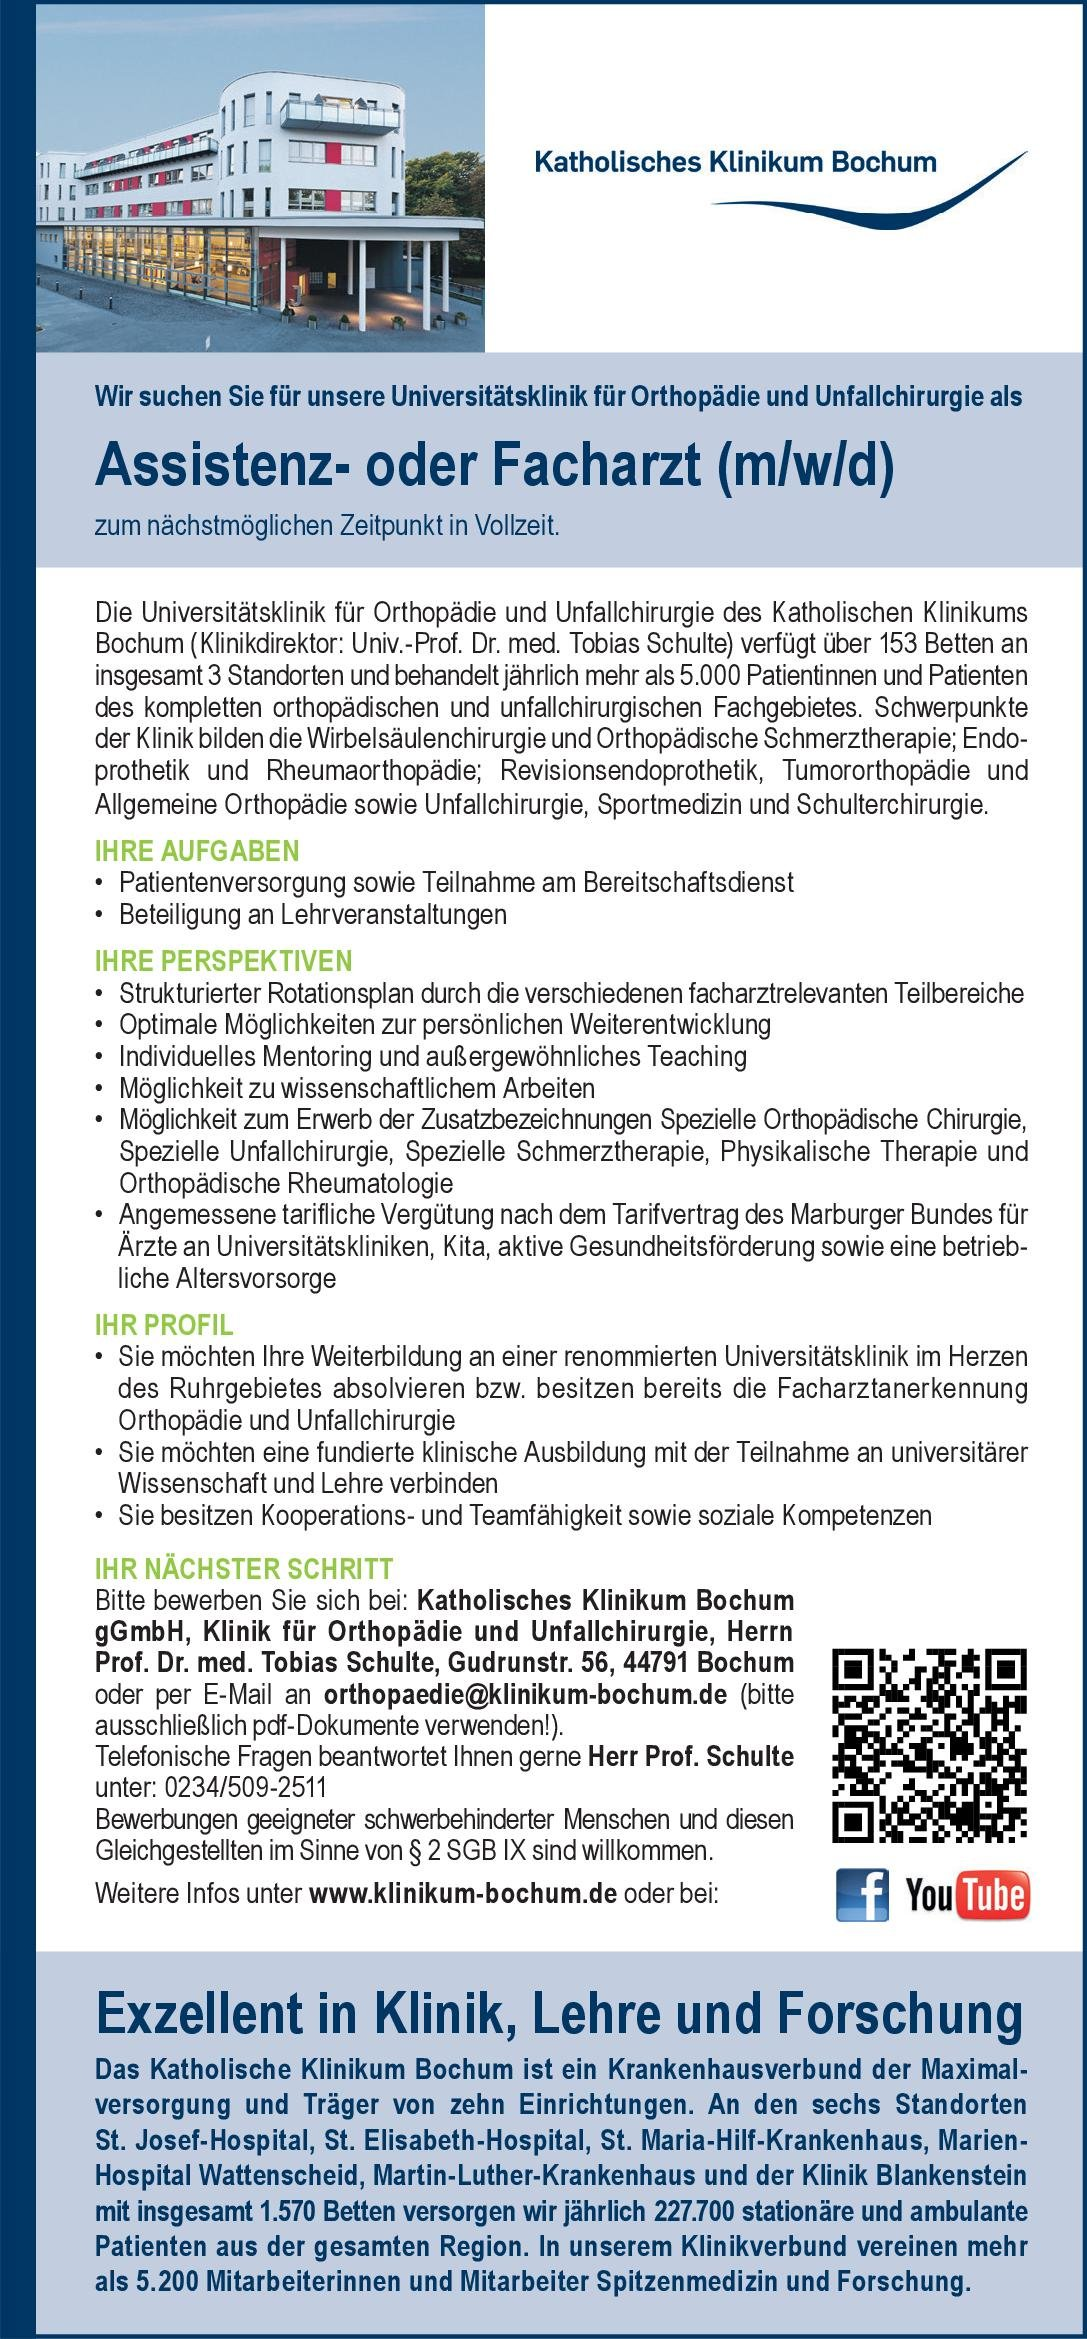 Katholisches Klinikum Bochumg GmbH Assistenz- oder Facharzt (m/w/d) Orthopädie und Unfallchirurgie  Orthopädie und Unfallchirurgie, Chirurgie Arzt / Facharzt, Assistenzarzt / Arzt in Weiterbildung